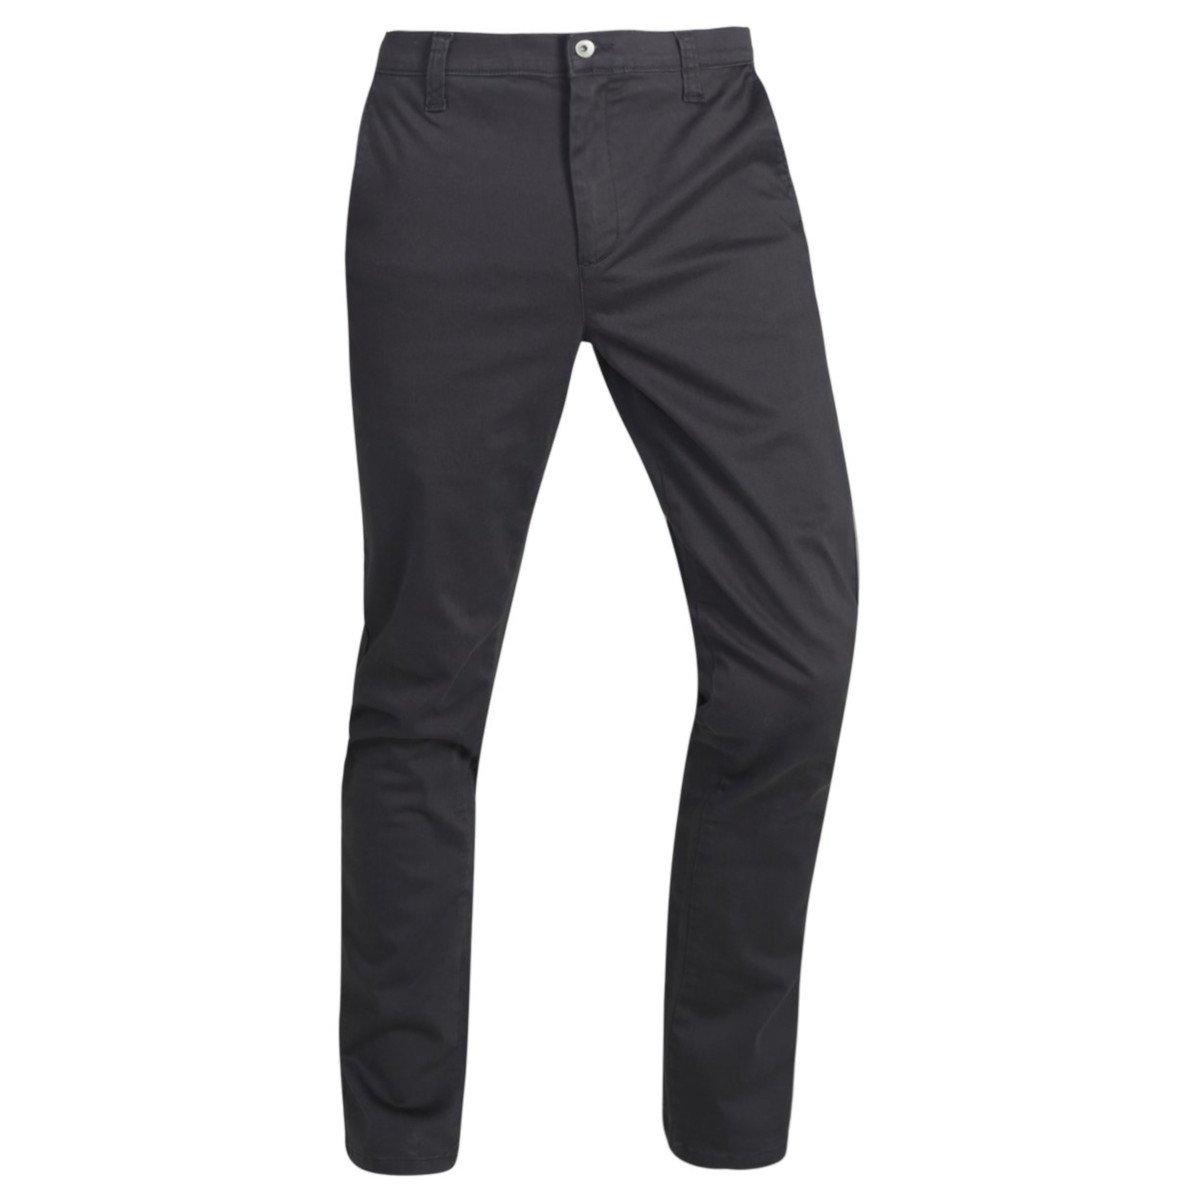 Pantaloni Chino Grigio Ardesia in cotone biologico